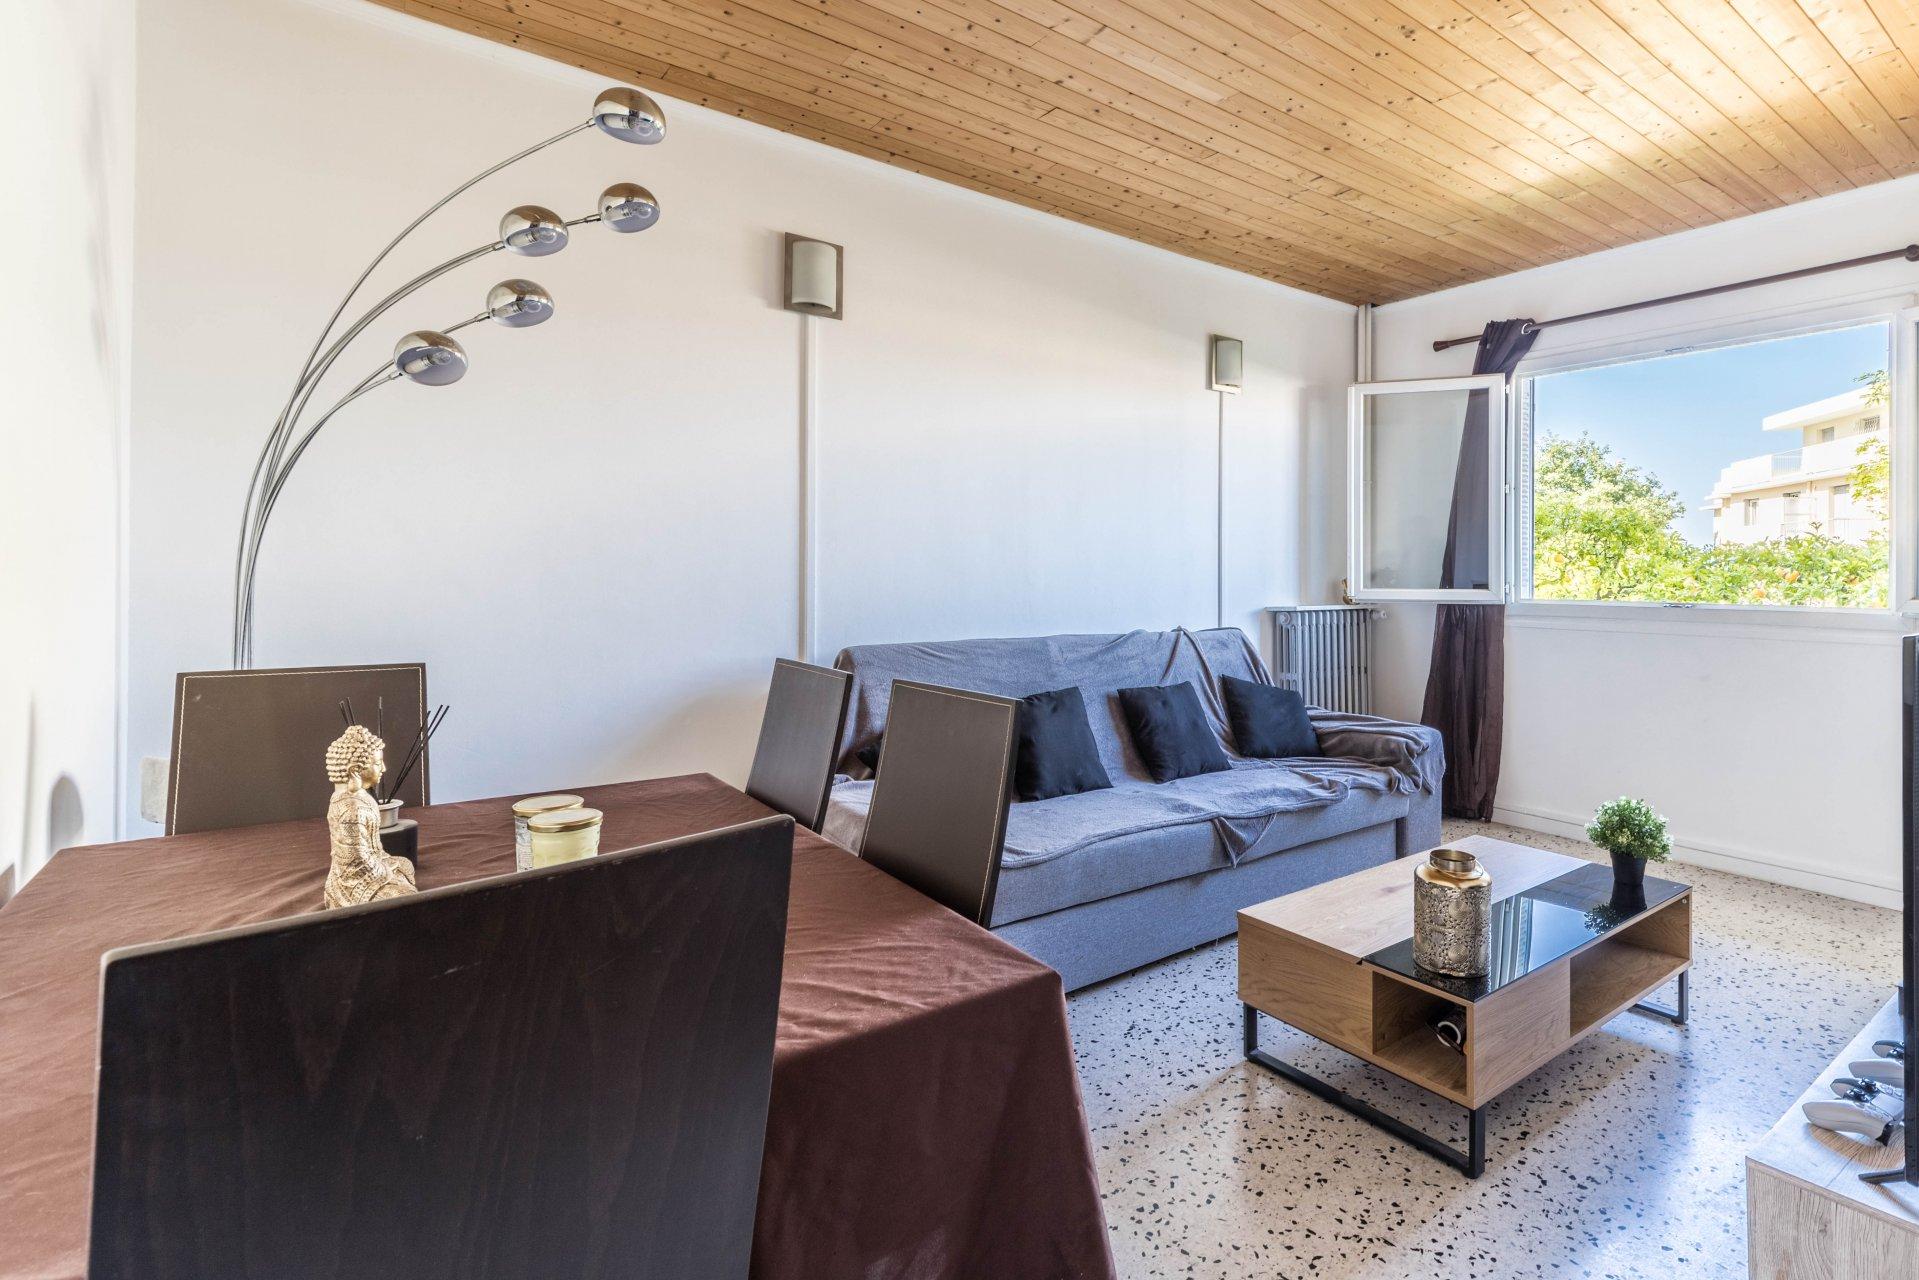 Nizza Caucade, appartamento di 2 stanze di 45 mq Nice Caucade, 2 room flat of 45 sqm